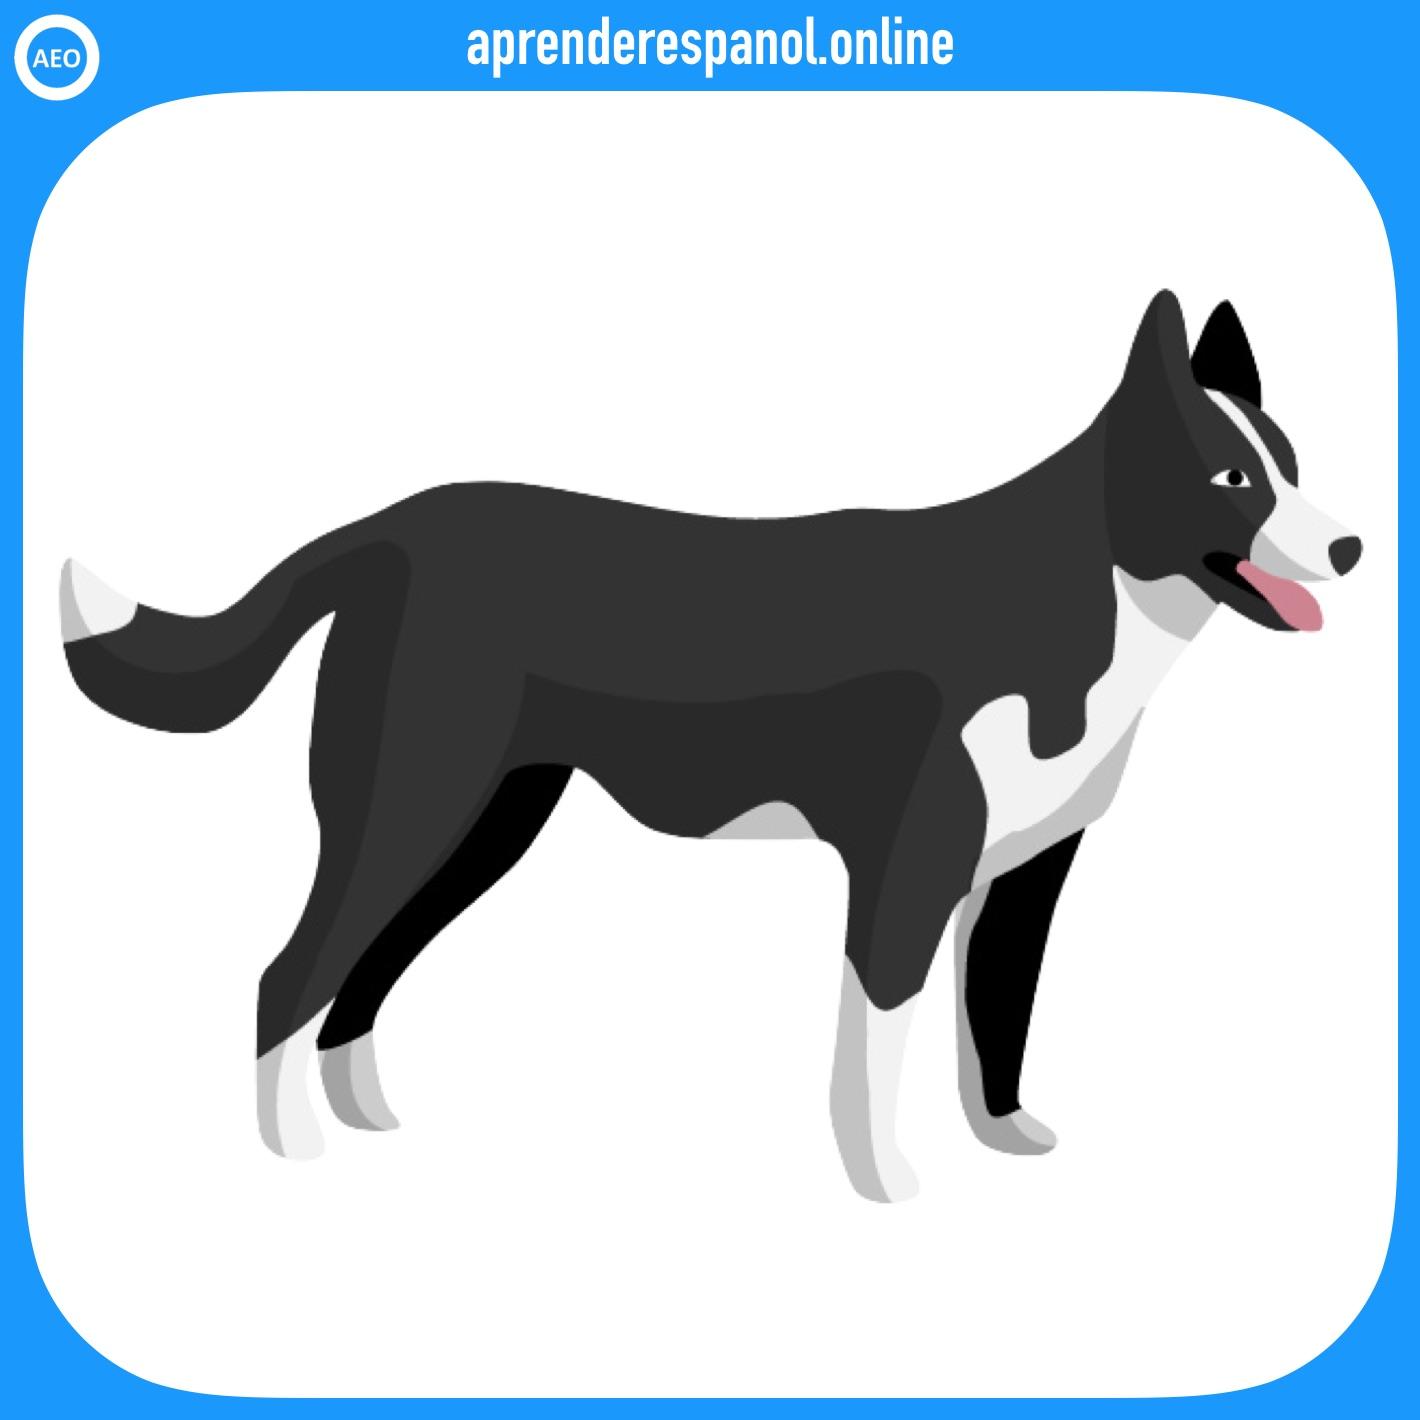 perro | animales en español | vocabulario de los animales en español